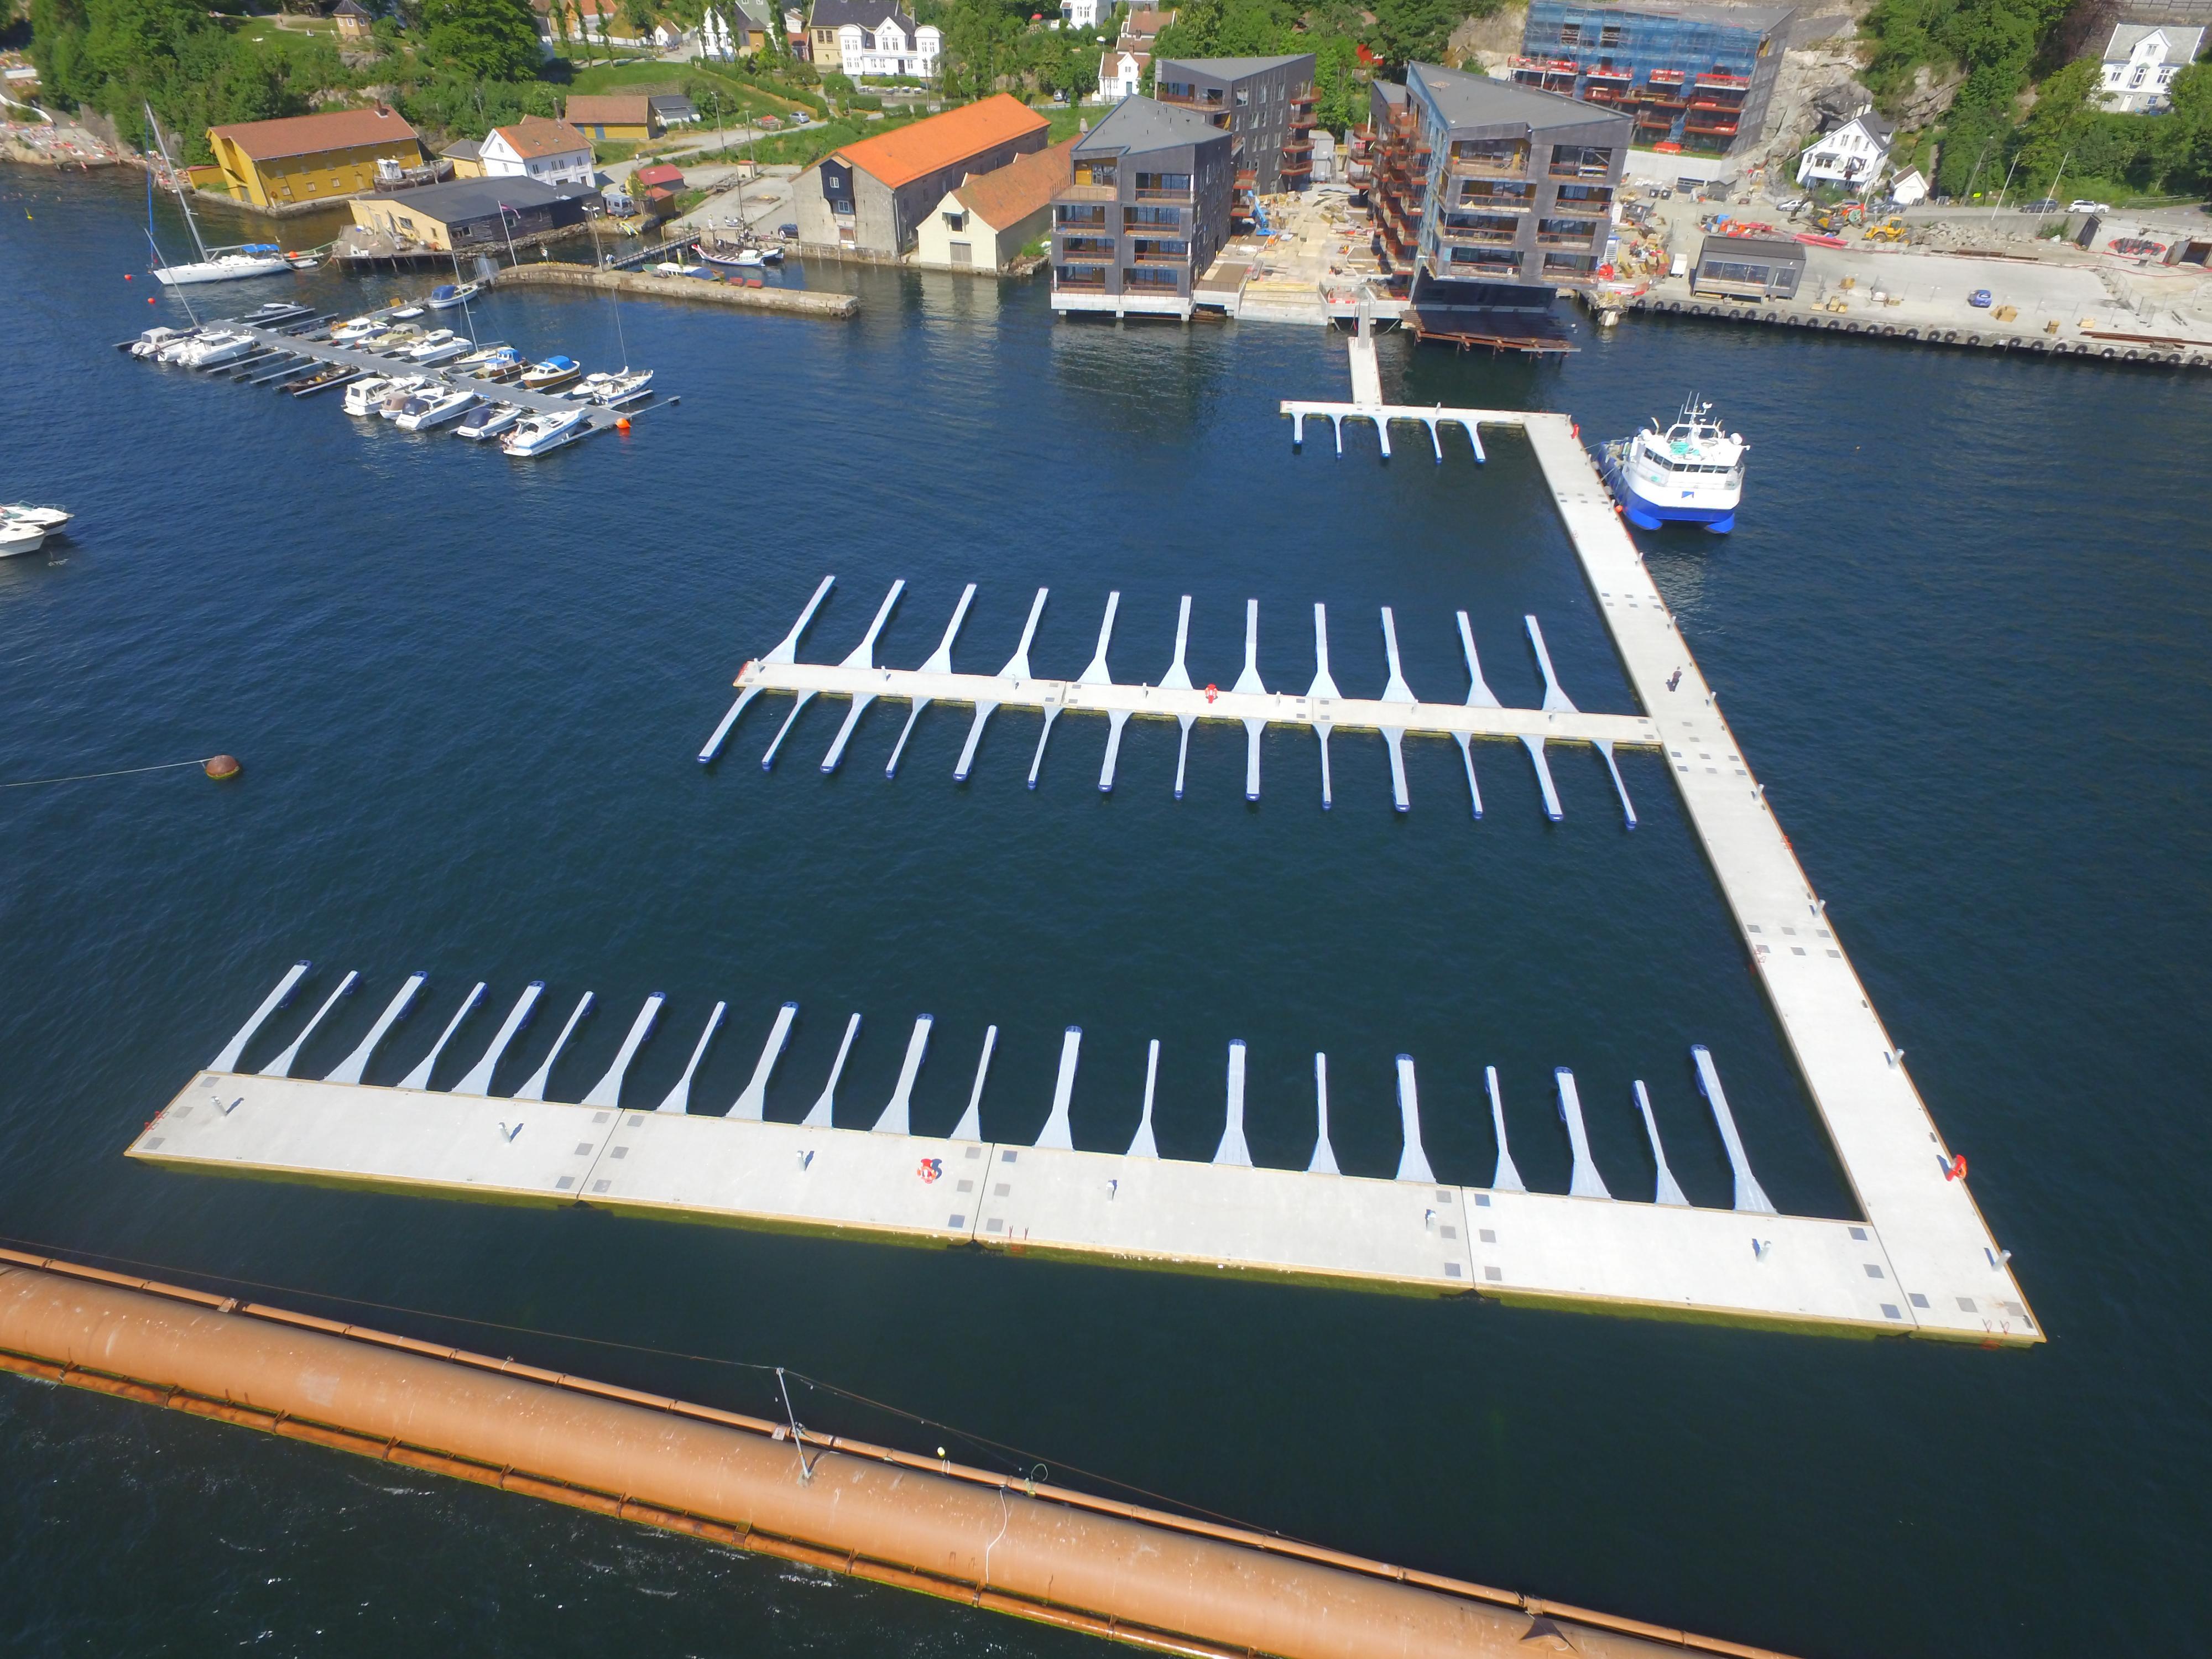 https://www.marinasolutions.no/uploads/Elsesroe-Brygge-Bergen-3.JPG